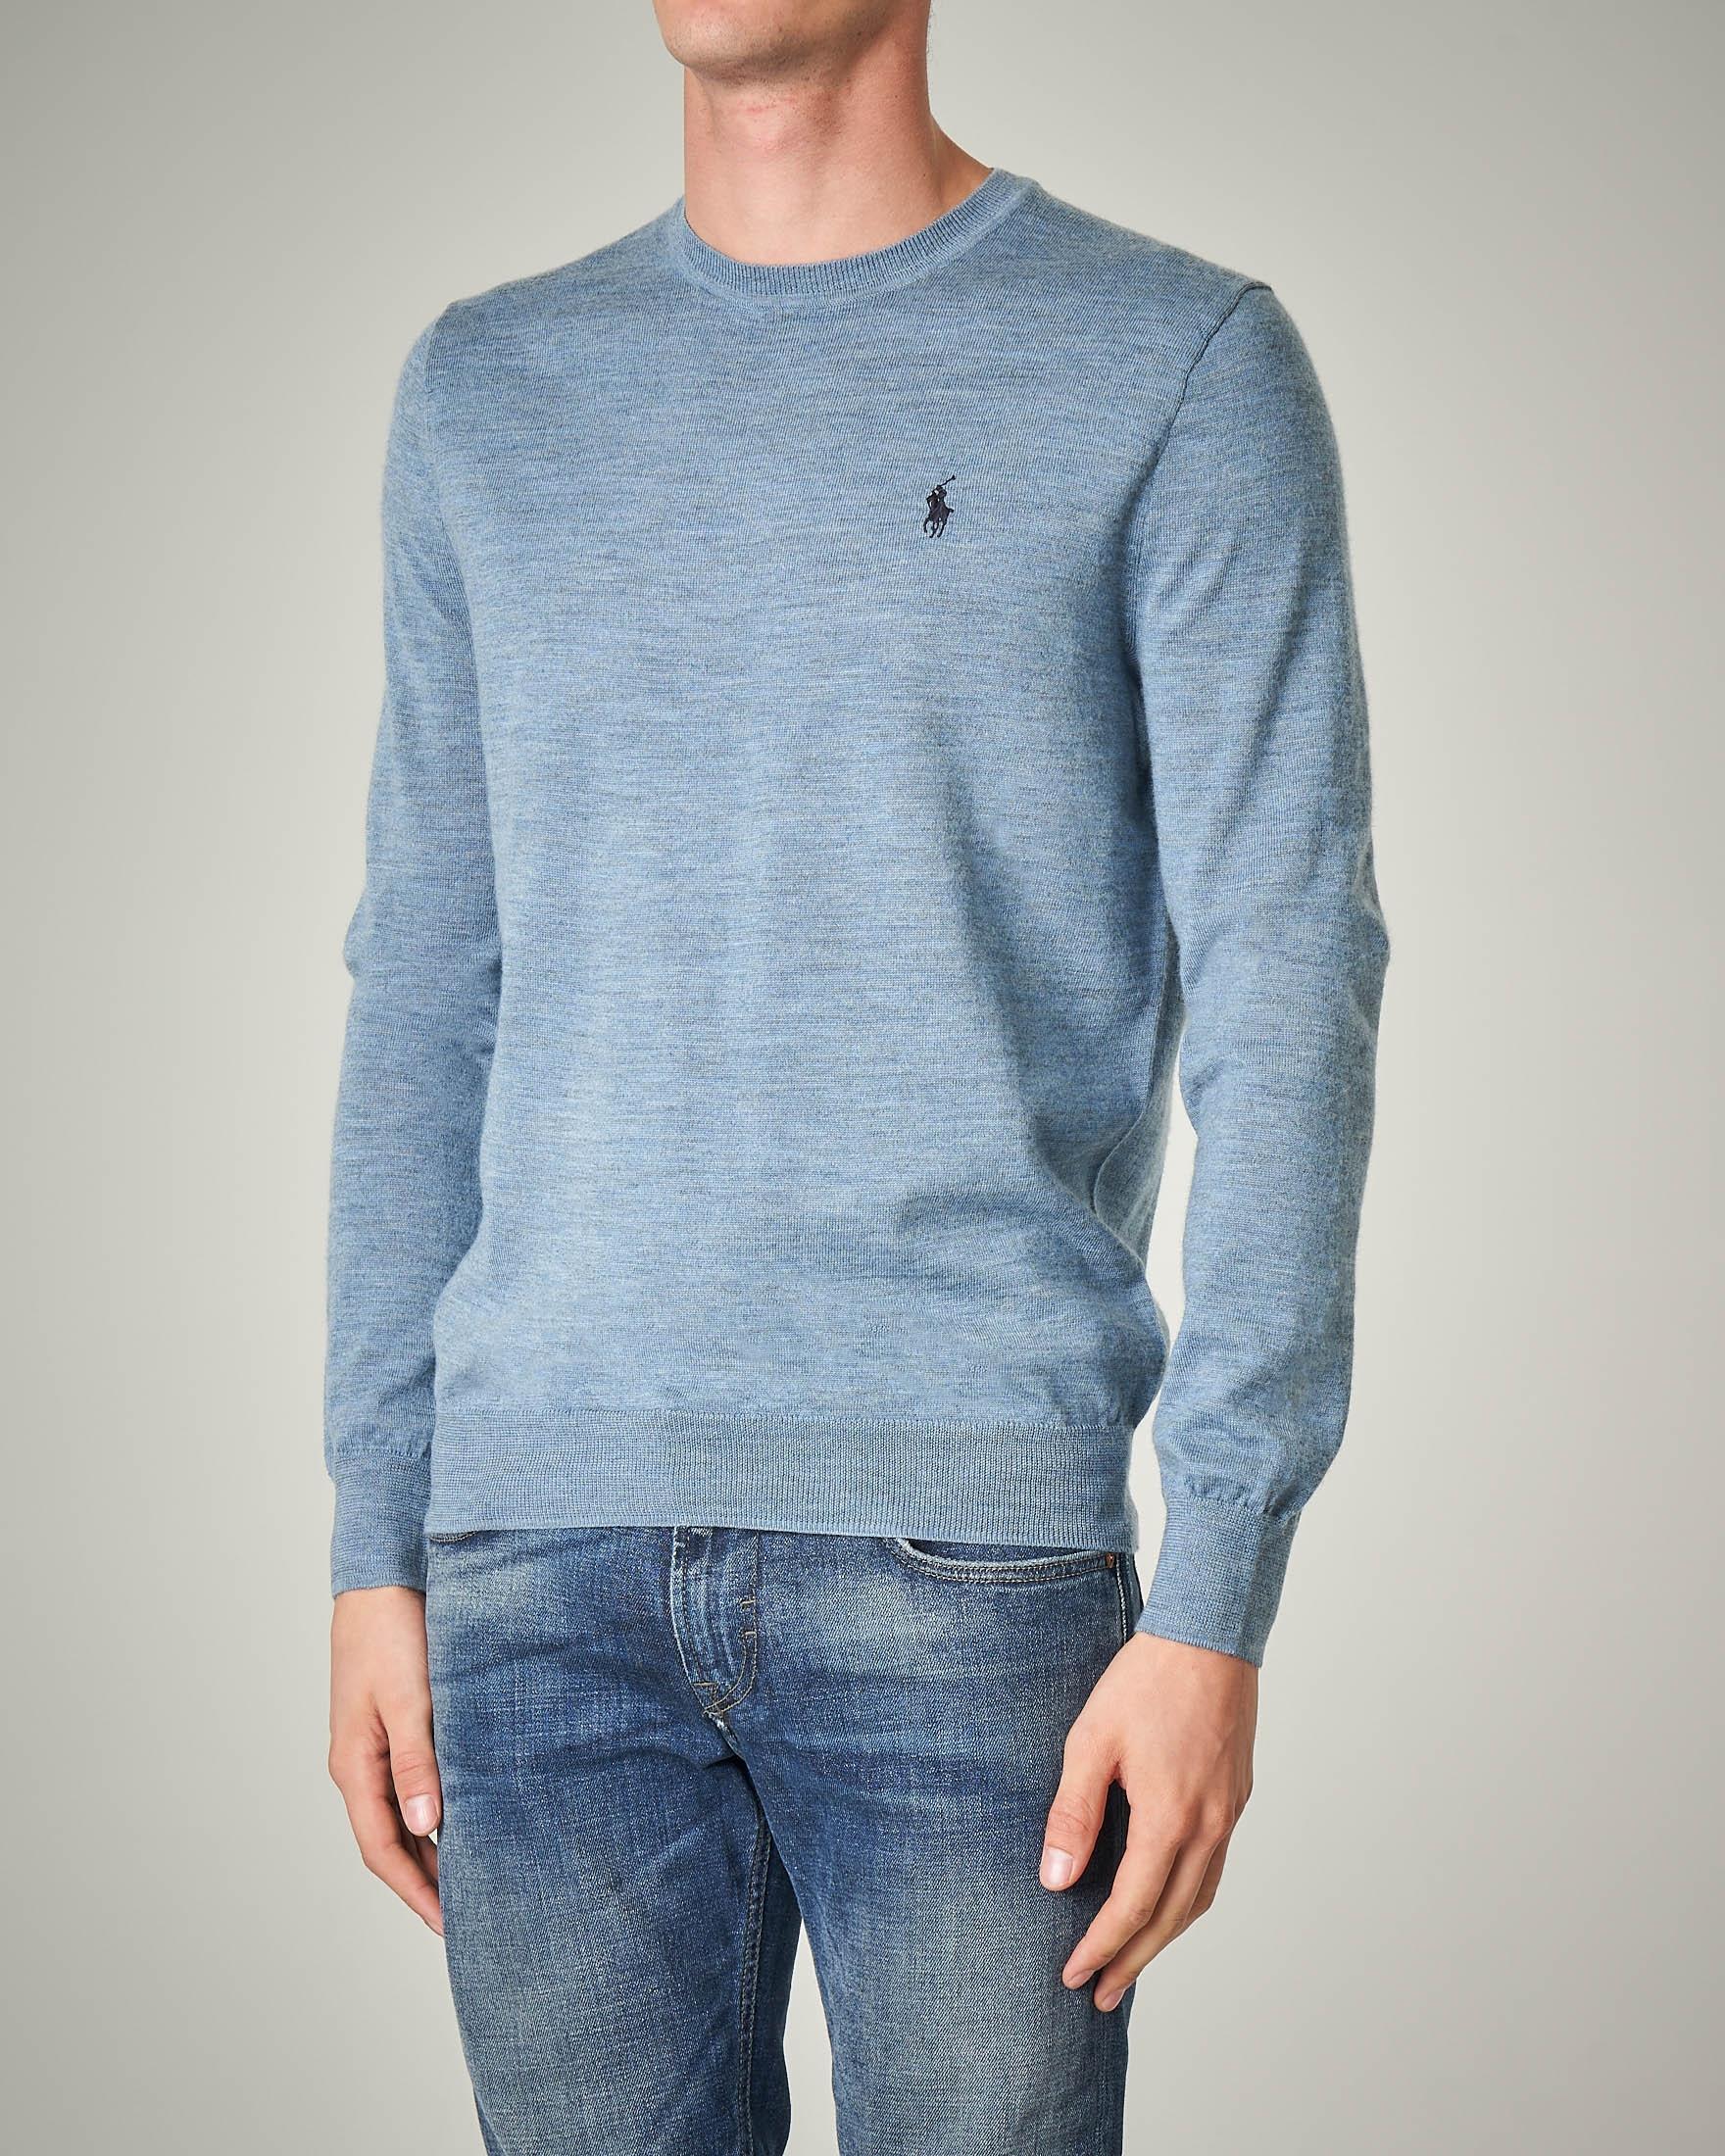 Maglia azzurra girocollo in lana merino